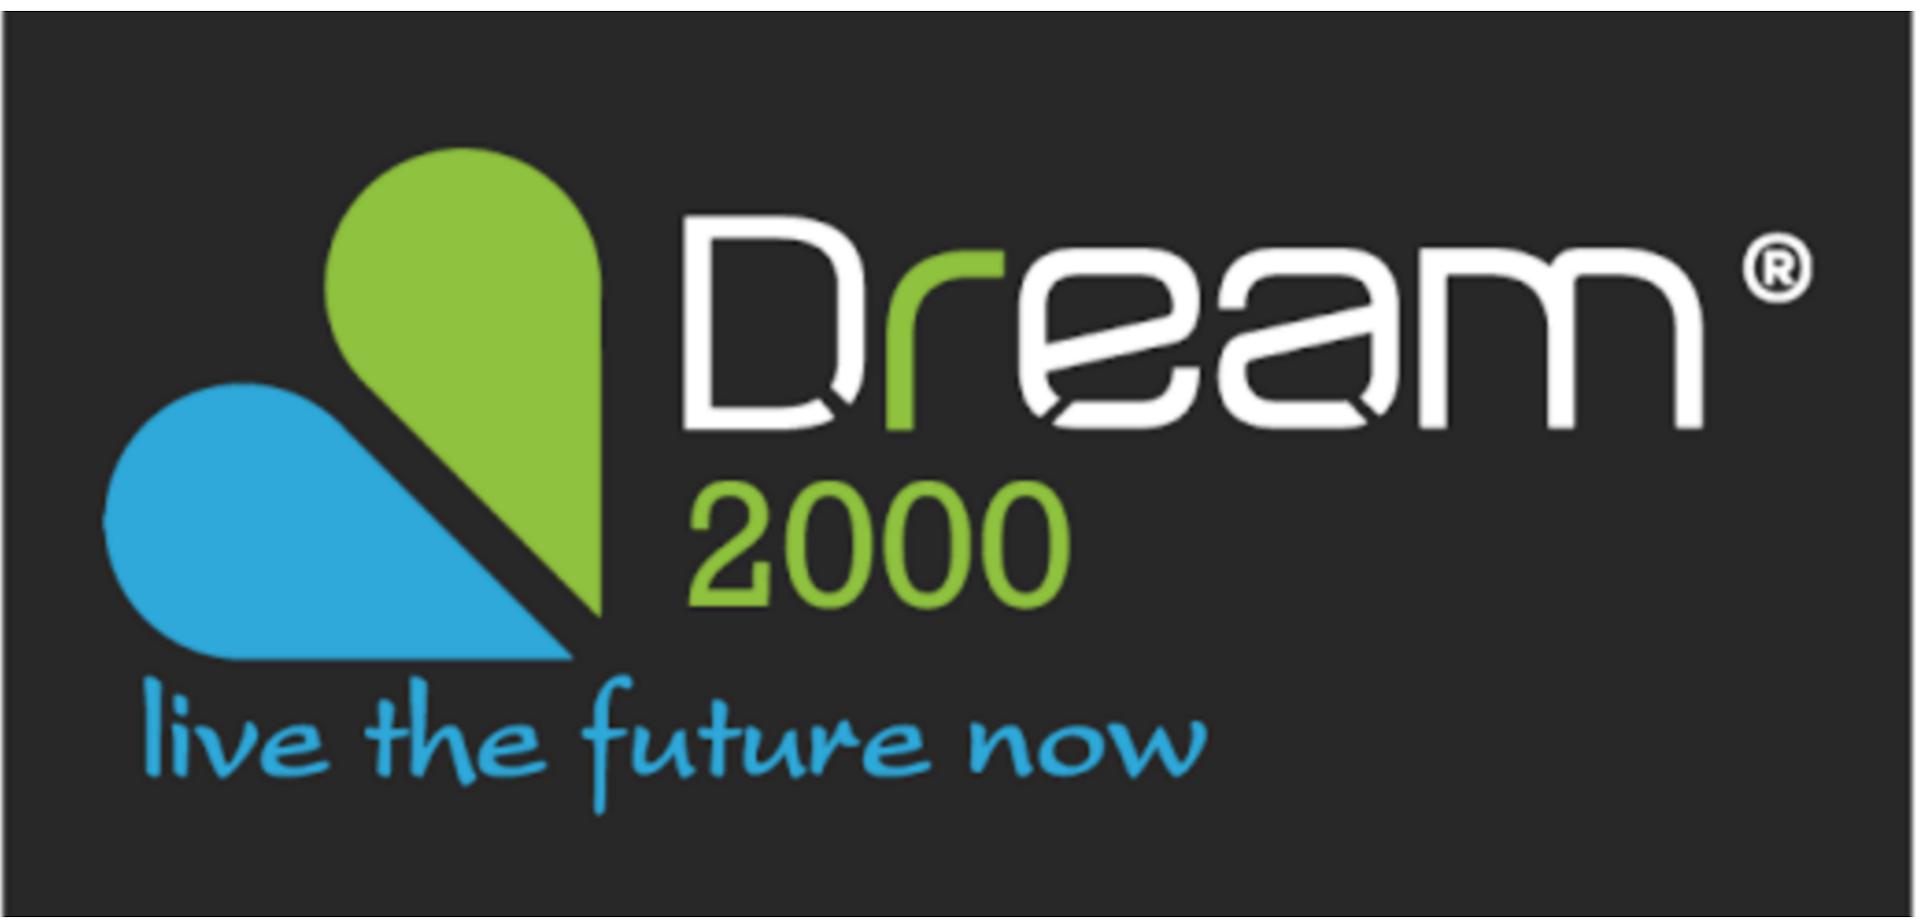 عناوين وأرقام فروع دريم 2000 وأحدث العروض 2021